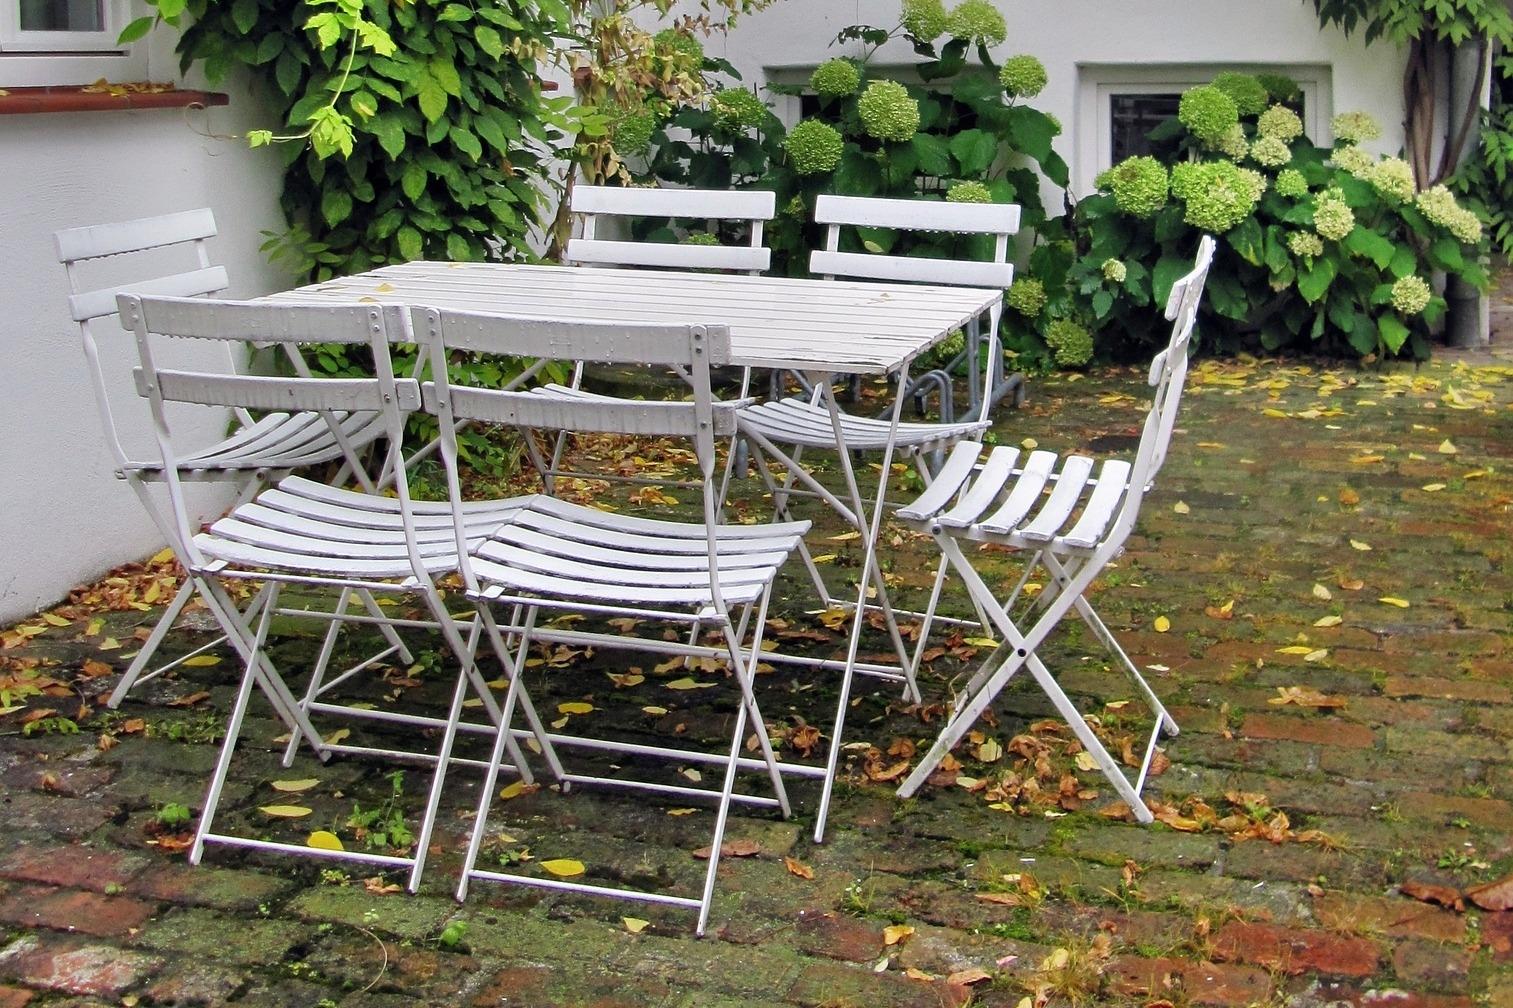 Podzimní péče o zahradní nábytek aneb Aby mohl zdobit zahradu i příští rok